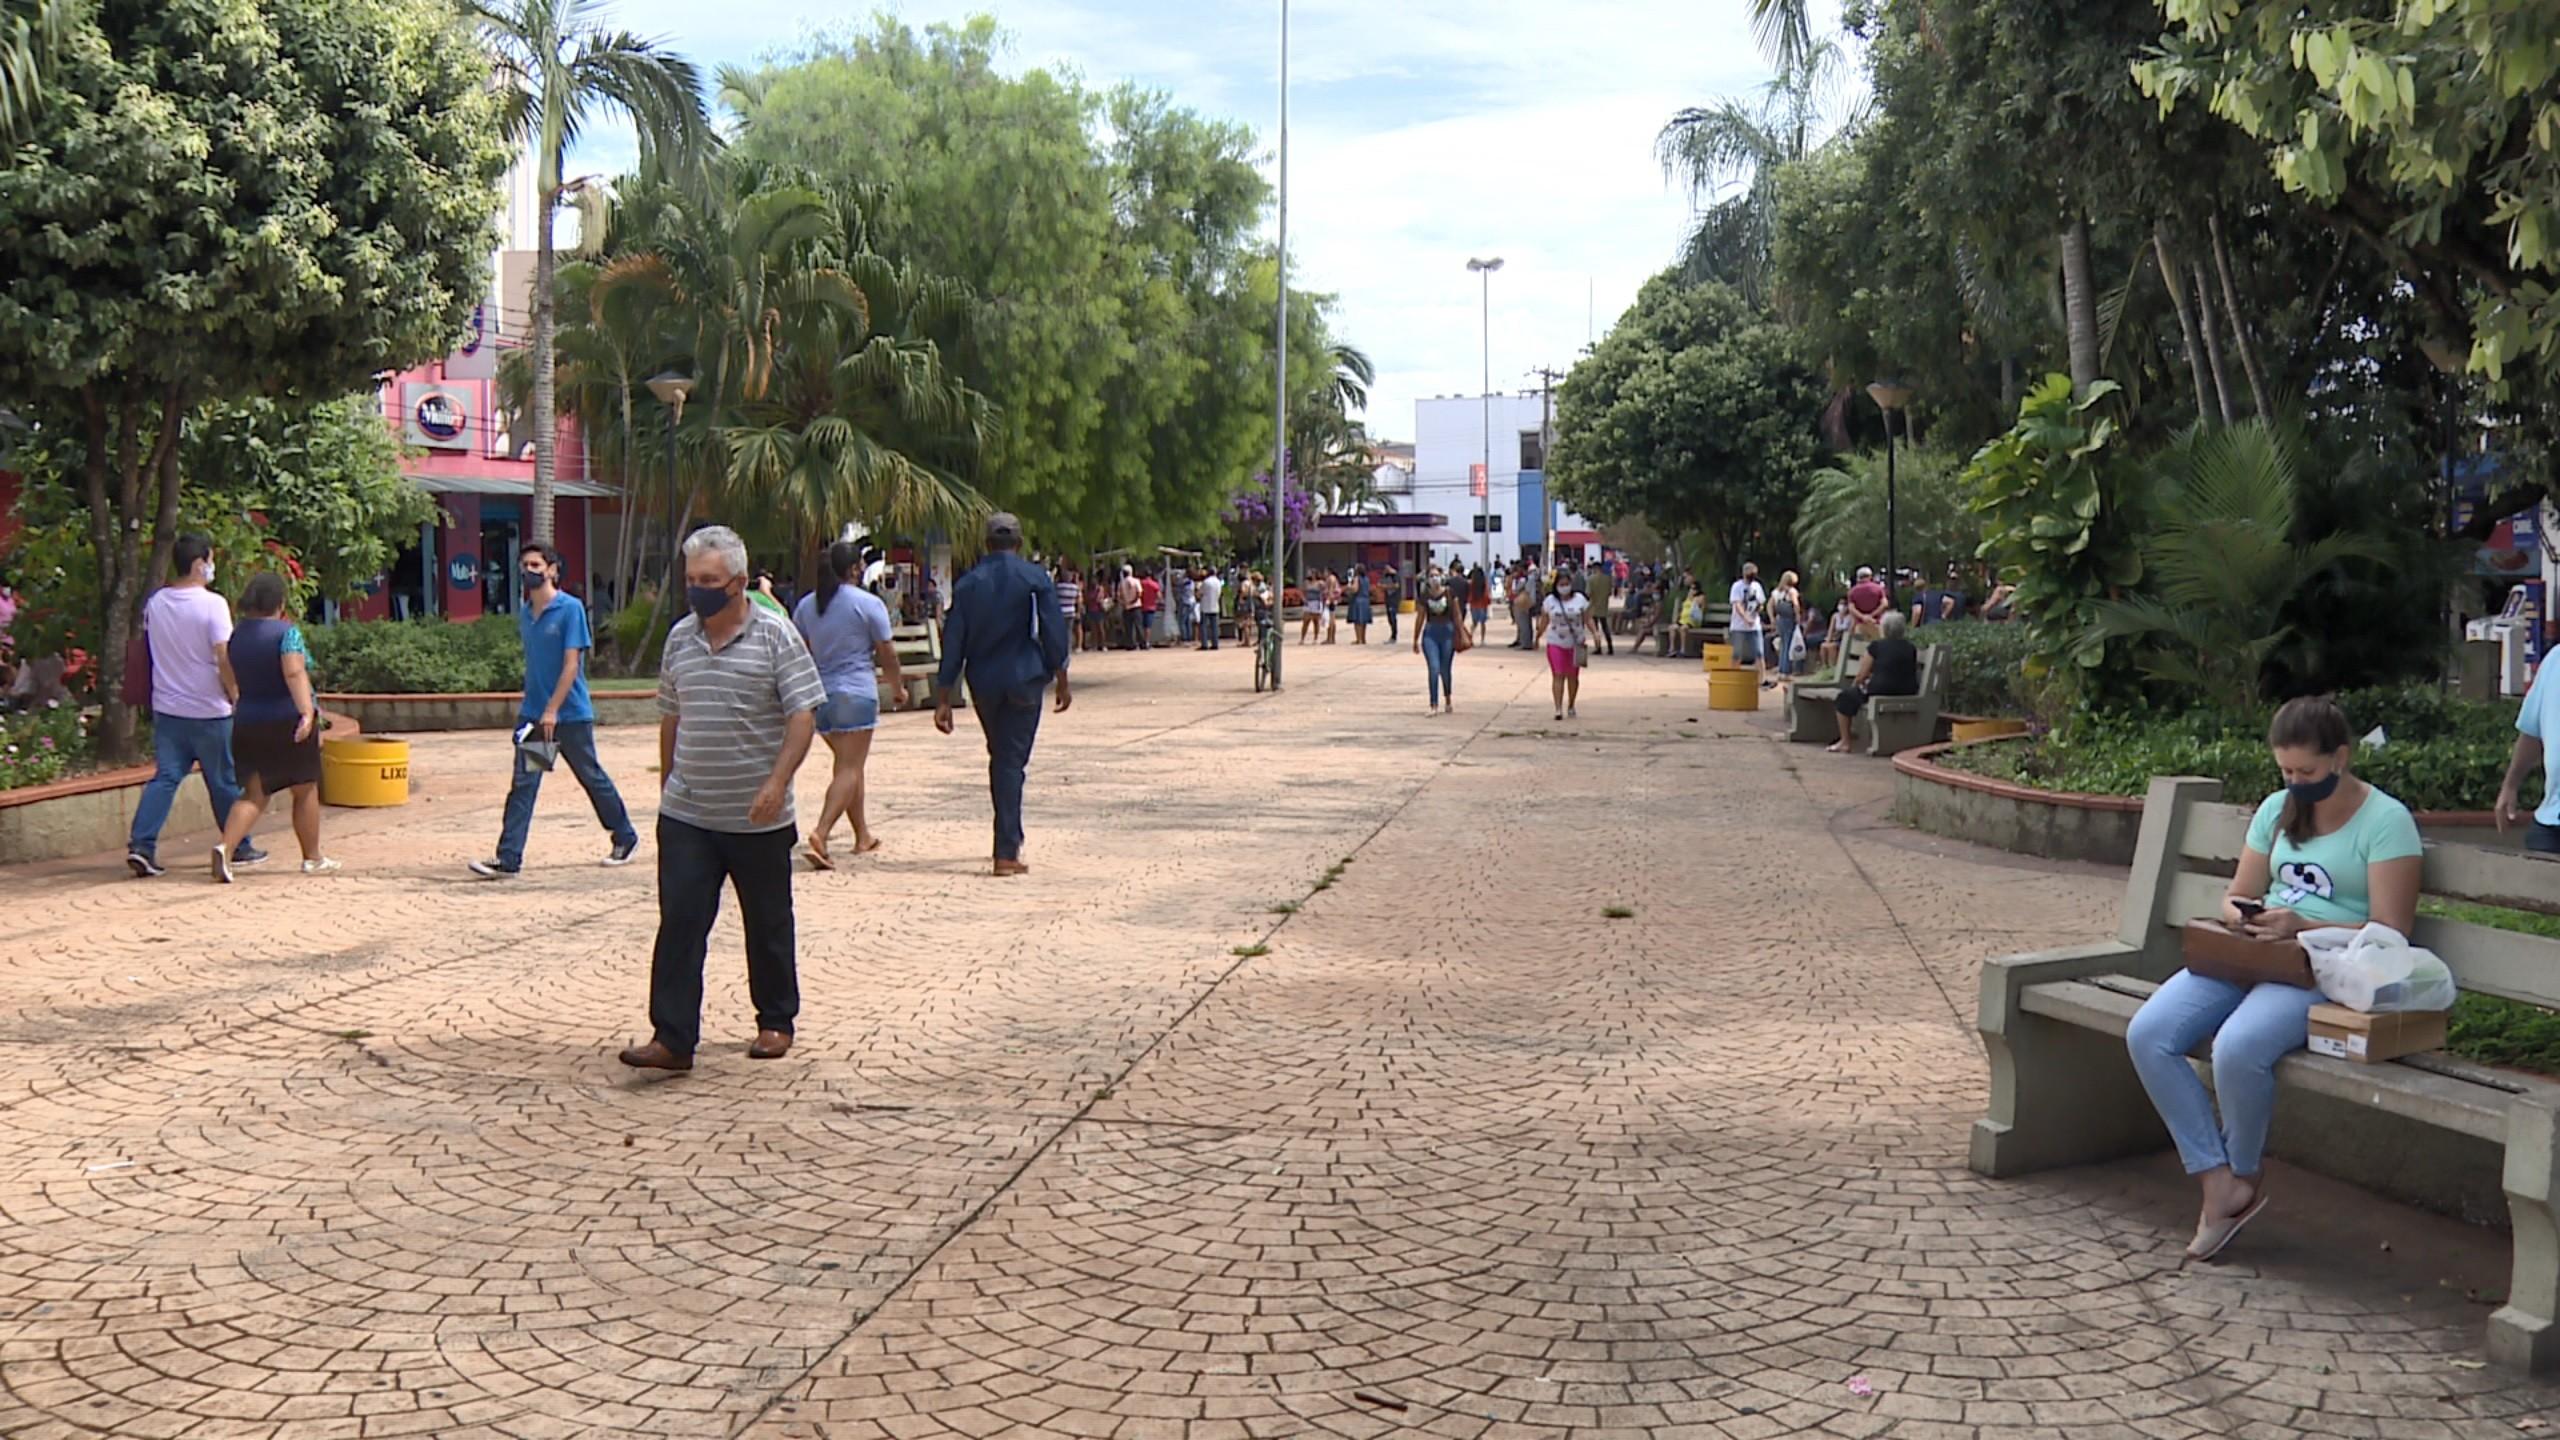 Covid-19: Mogi Guaçu prepara 'força-tarefa' para fiscalizar restrição de circulação a partir desta terça